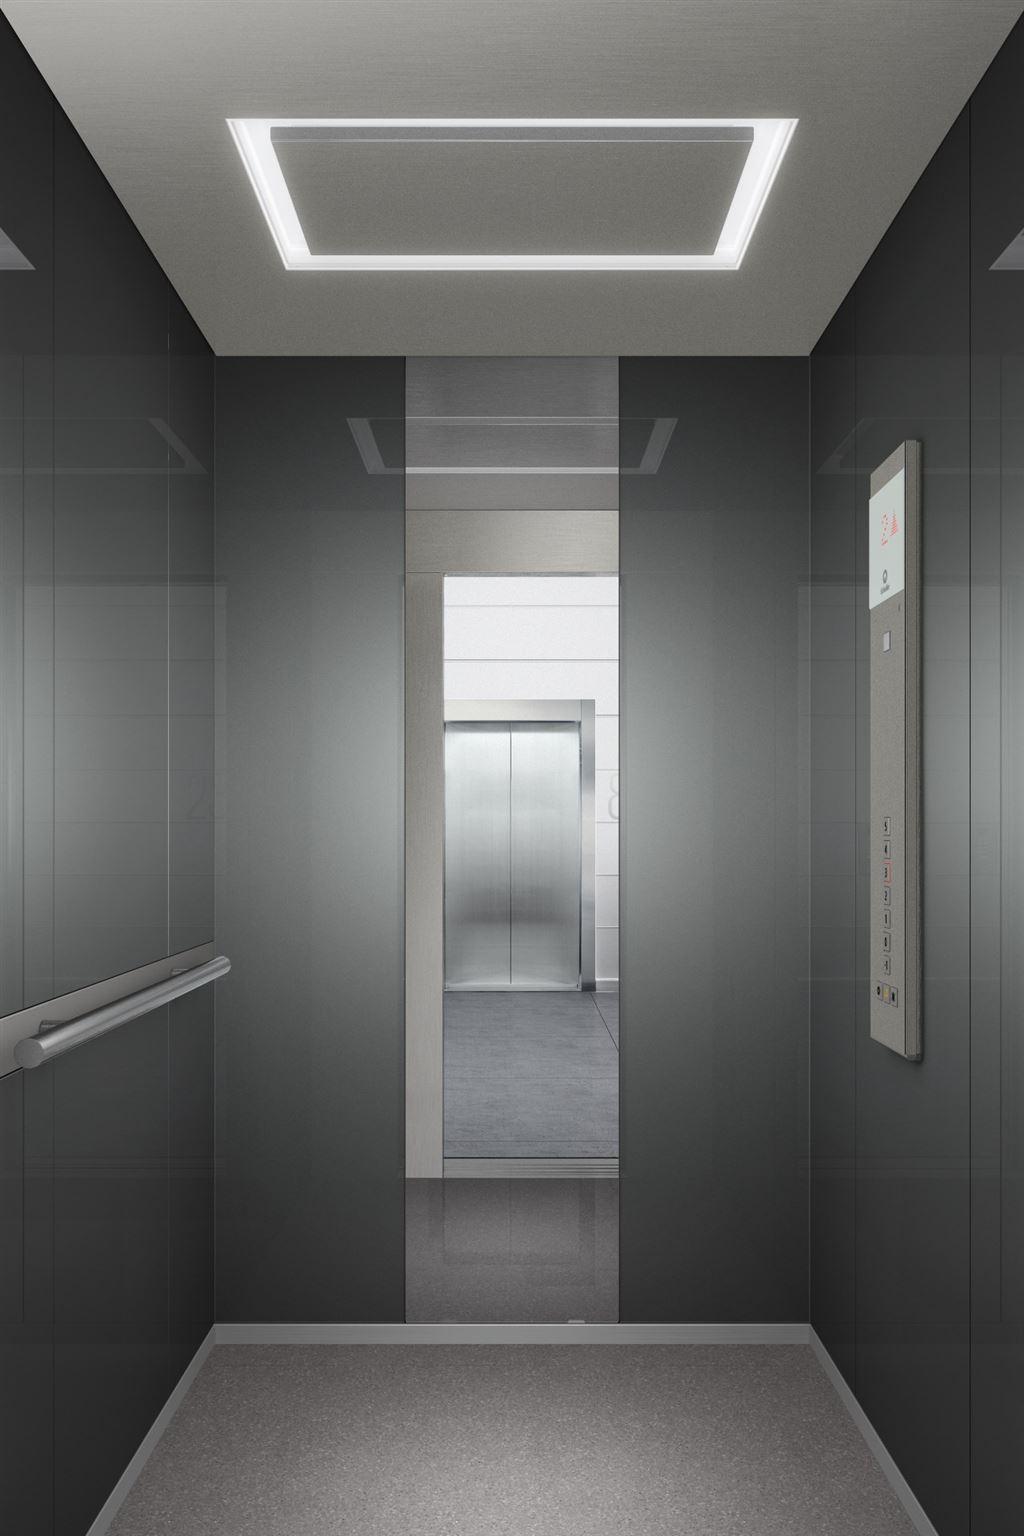 Fahrstuhl (Beispiel)